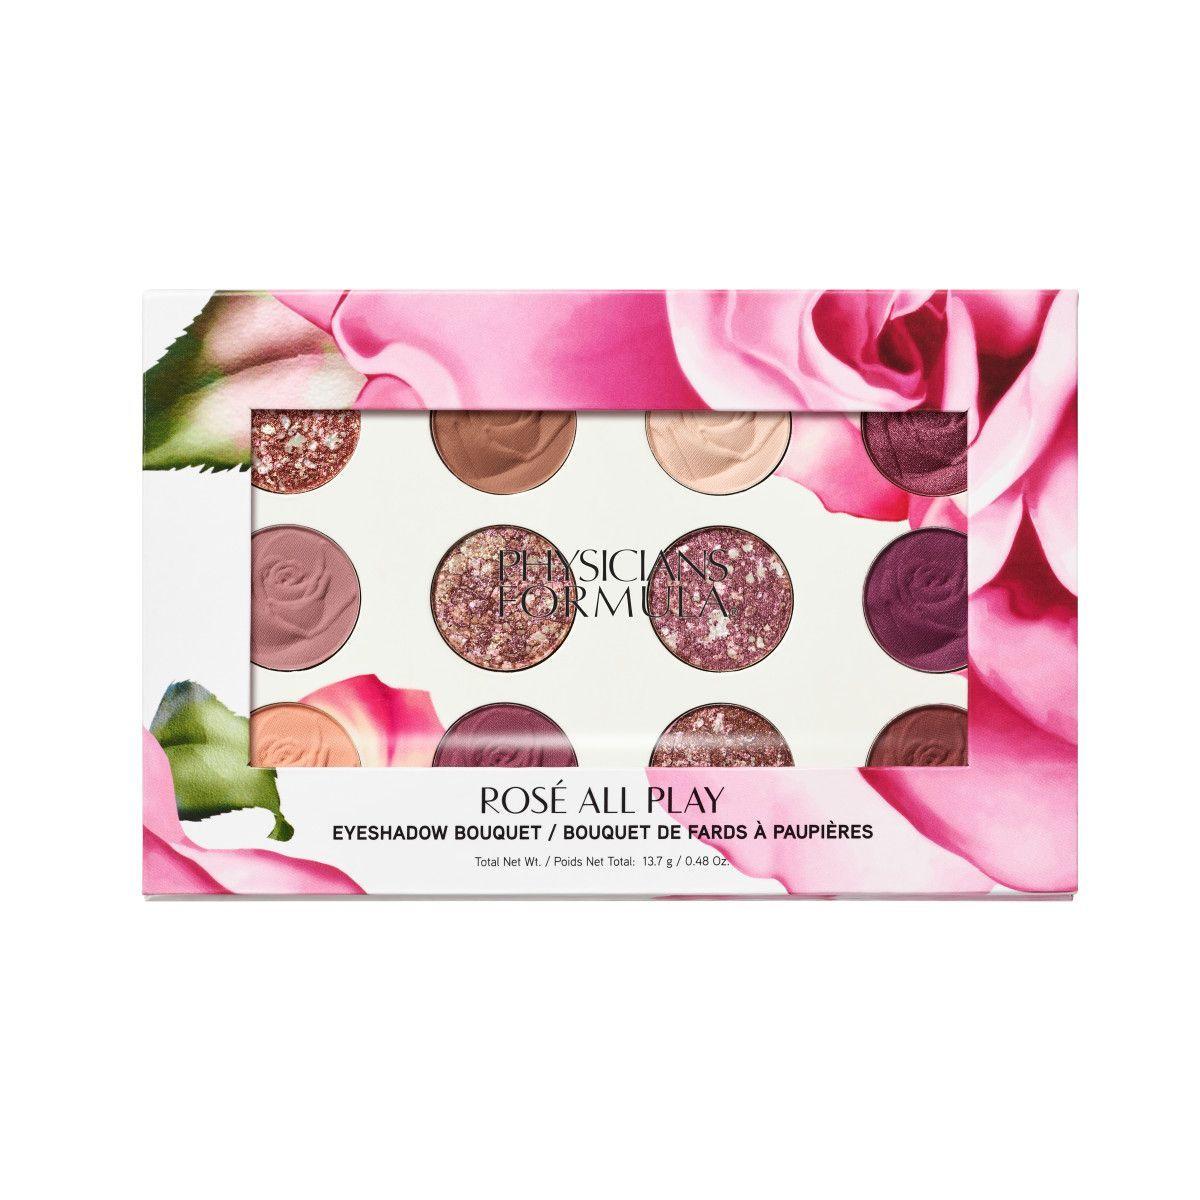 PF Rosé All Play Eyeshadow Bouquet Physicians formula